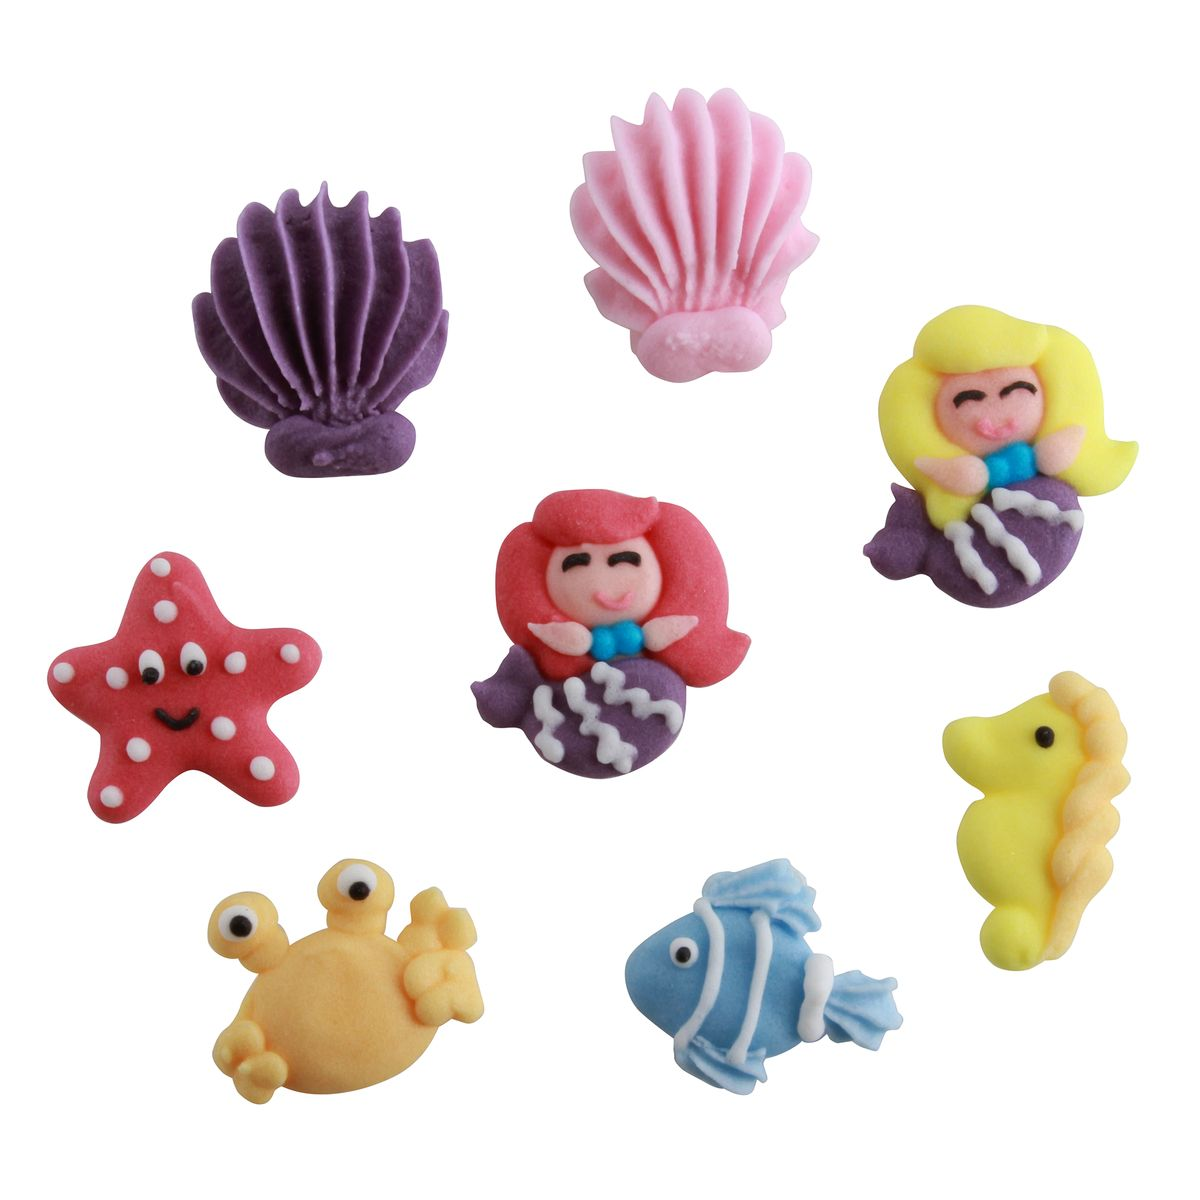 Plaque de décors comestibles : 8 décors thème sirène : coquillage, sirène, poisson, crabe, étoile de mer et hippocampe - Alice Délice